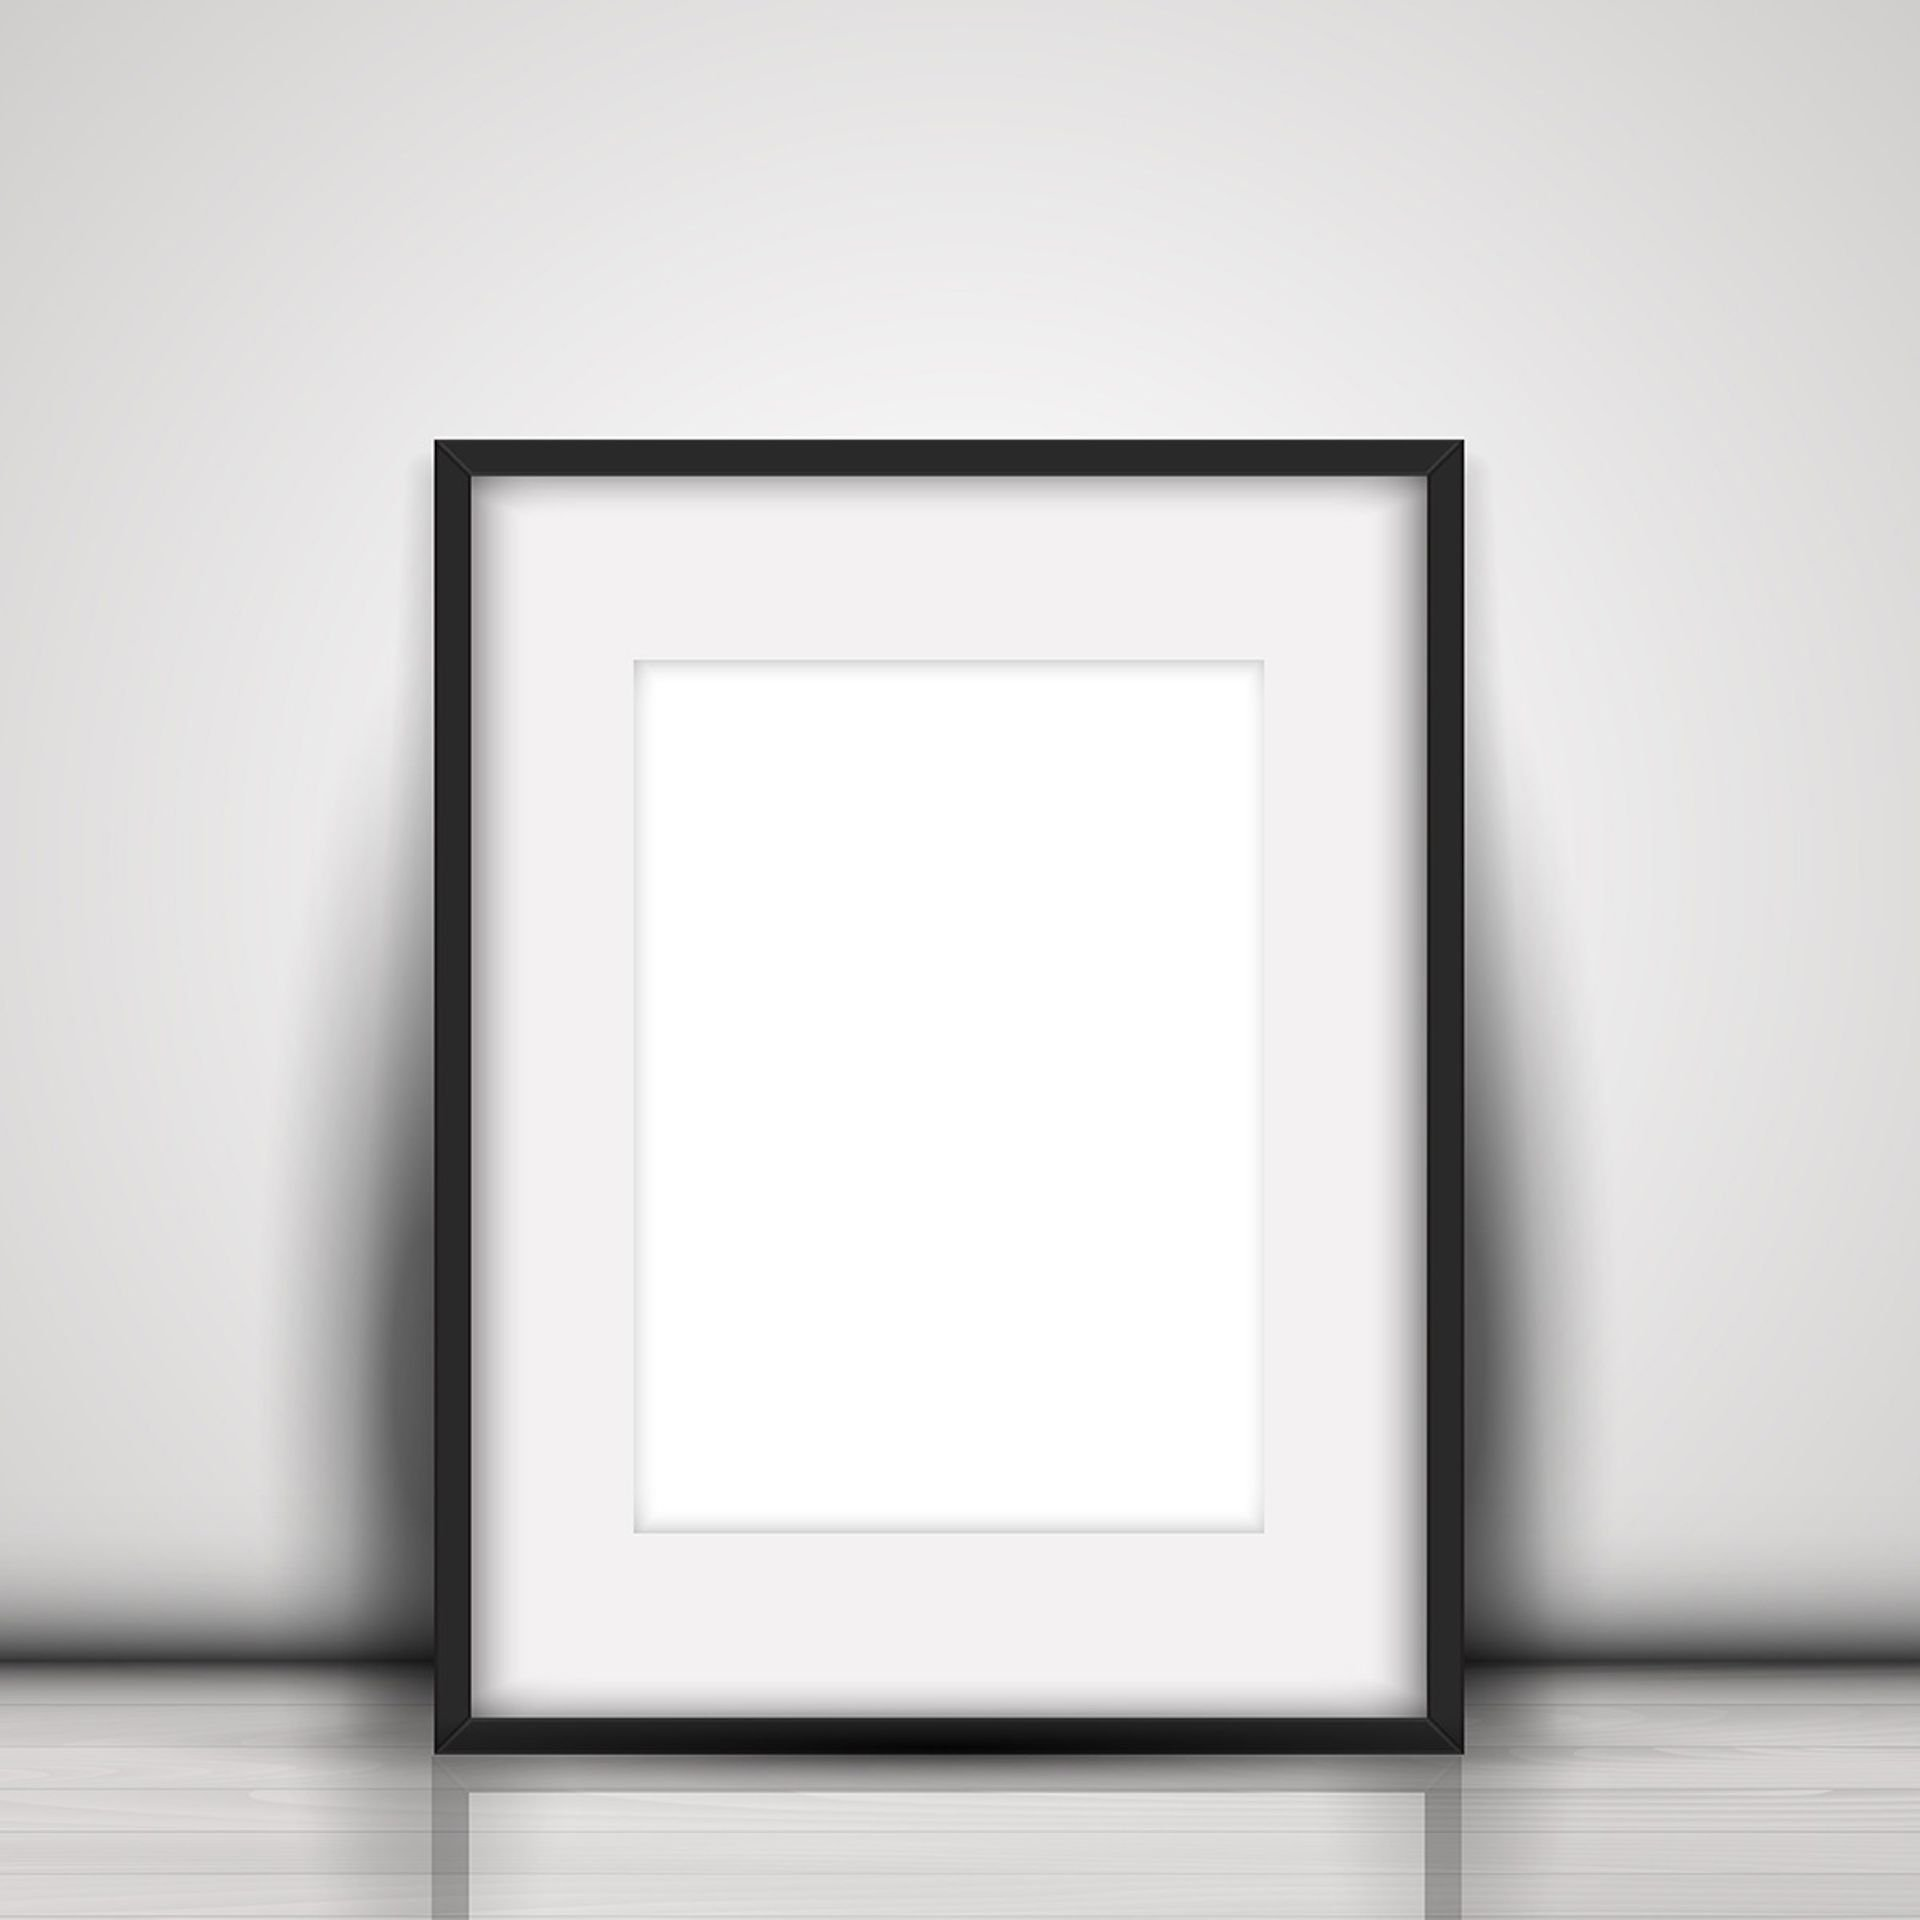 =מסגרת תמונה איכותית דגם FR9093, כולל הדפסת תמונה. רכישה טלפונית..